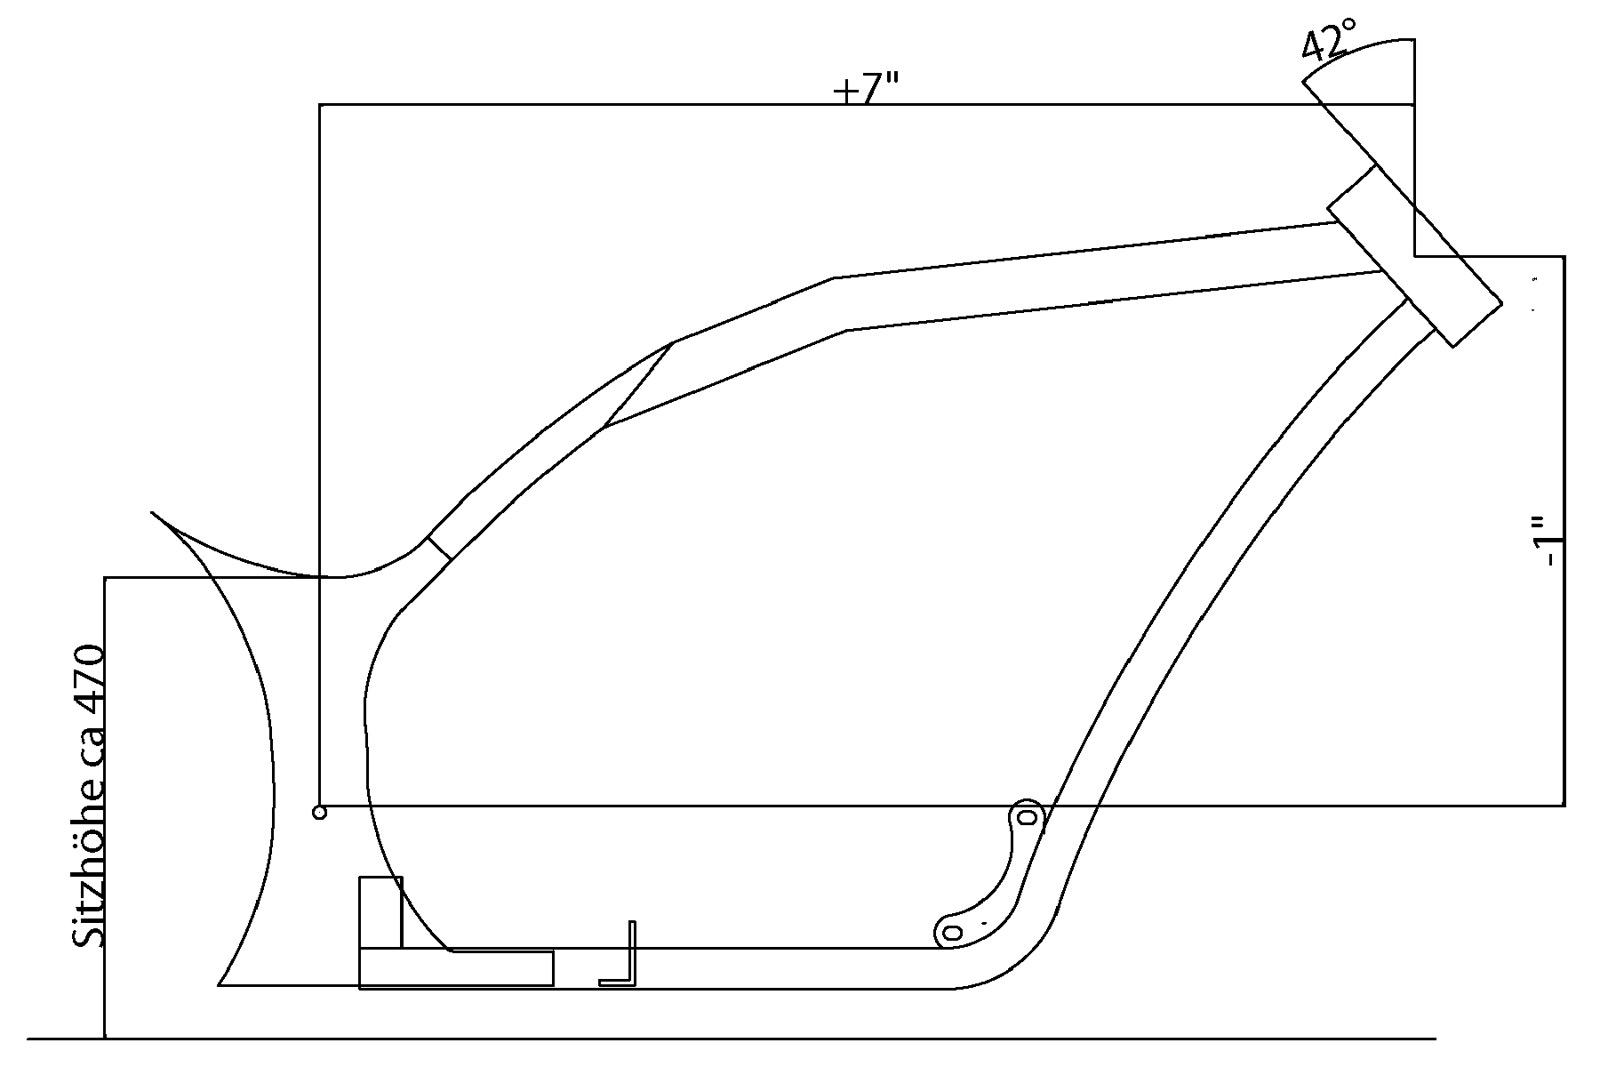 Revtech Engine Diagram Auto Electrical Wiring Dixon Speedztr